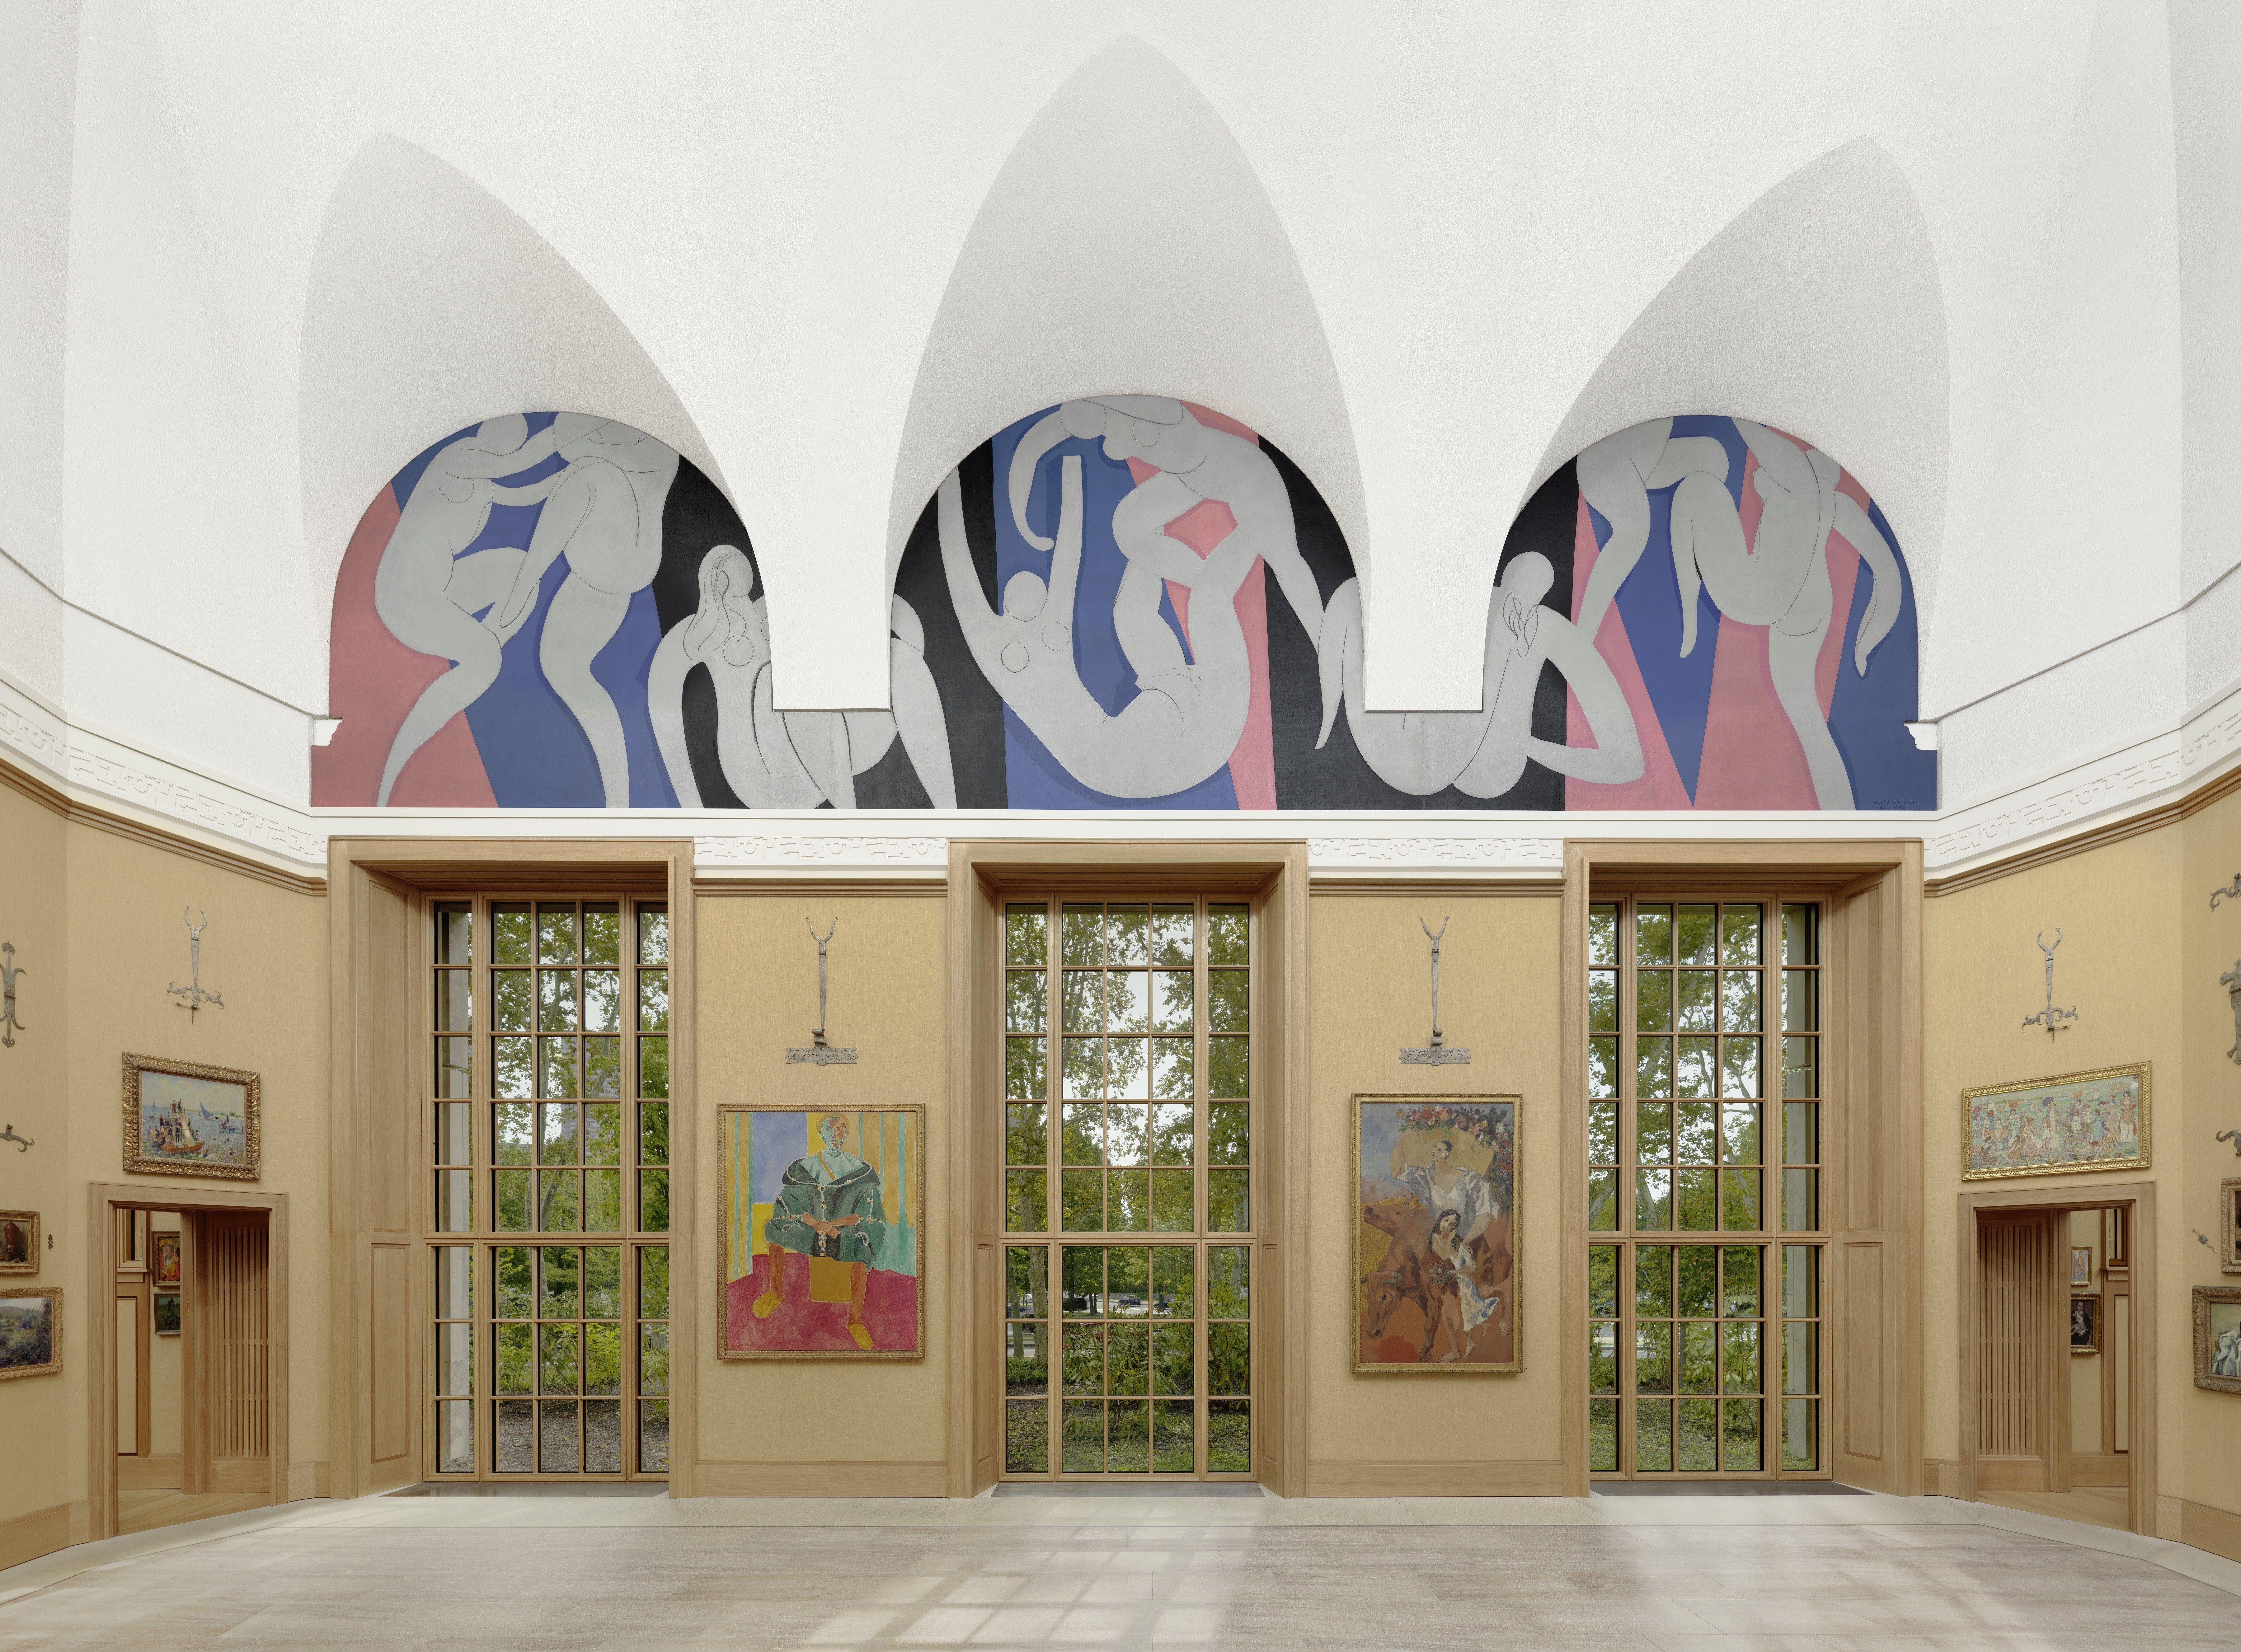 Henri Matisse S Beautiful Works At The Barnes Foundation Barnes Foundation Henri Matisse Albert Barnes